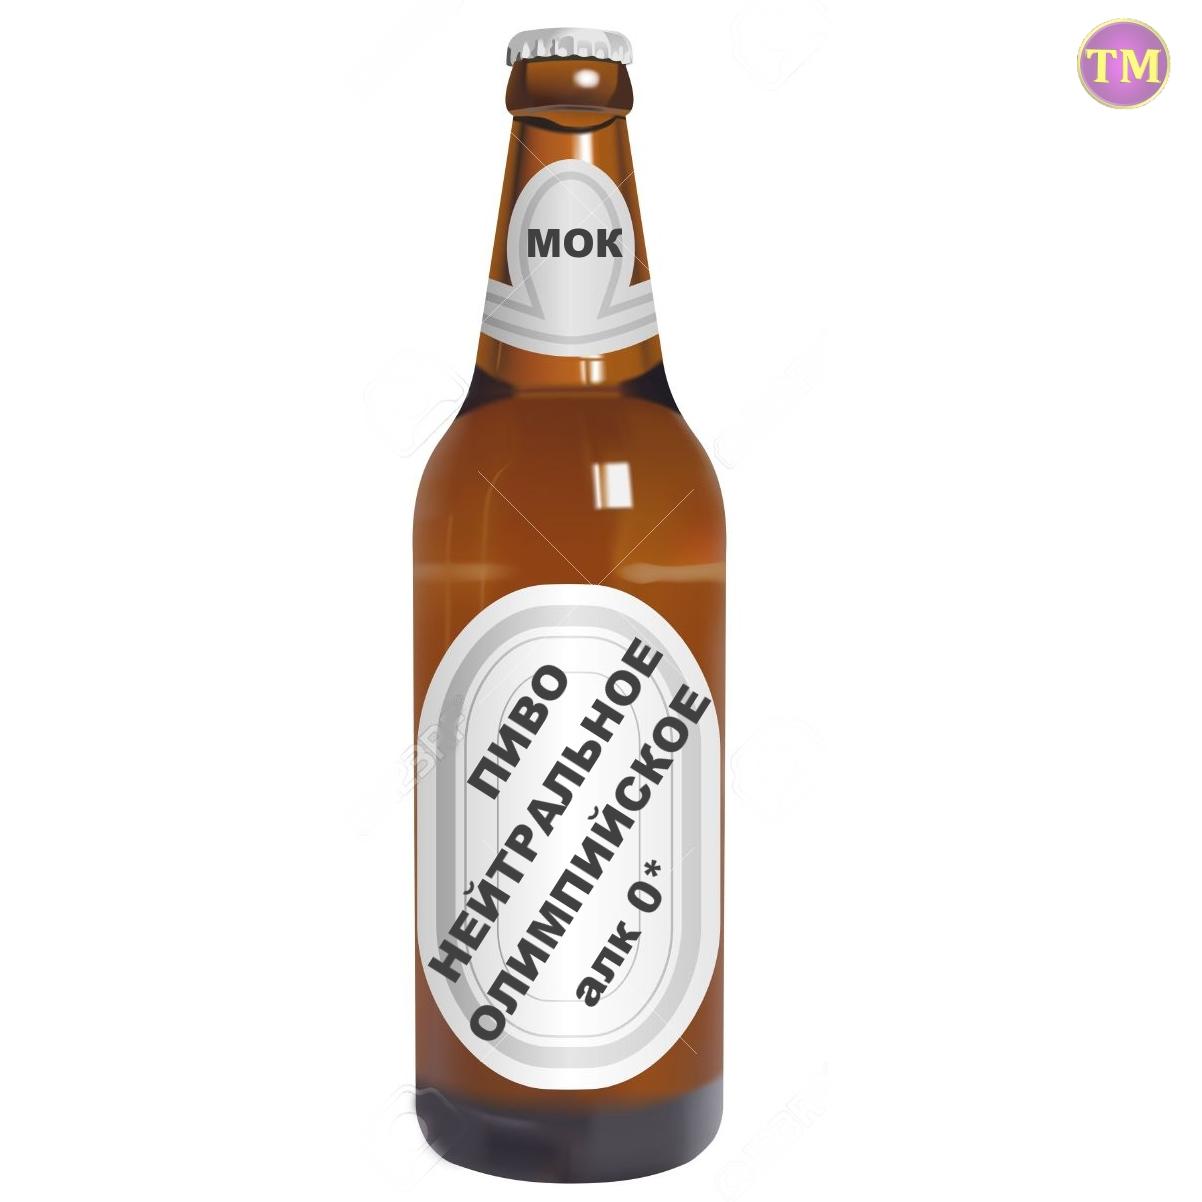 МОК рекомендует - пиво нейтральное олимпийское безалкогольное.